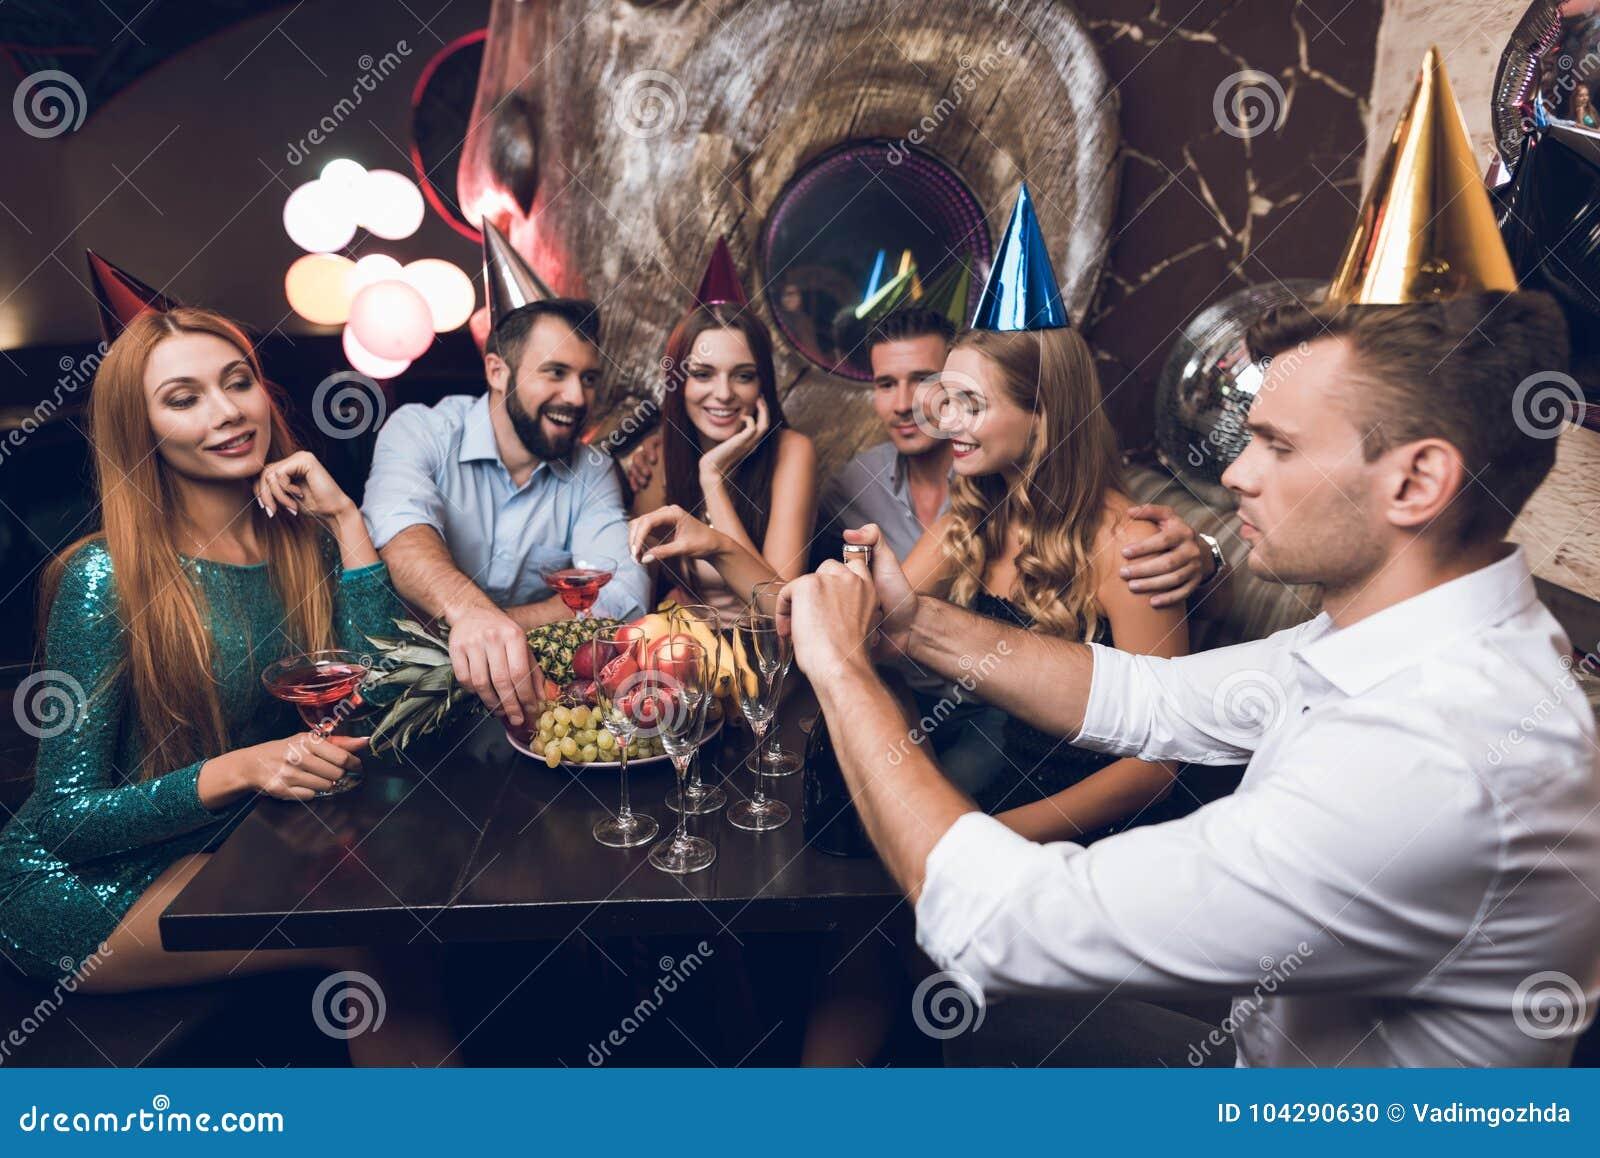 Der Mann öffnet Champagner zum Getränk mit seinen Freunden Sie sitzen im Verein am Tisch und im Rest nach dem Tanz